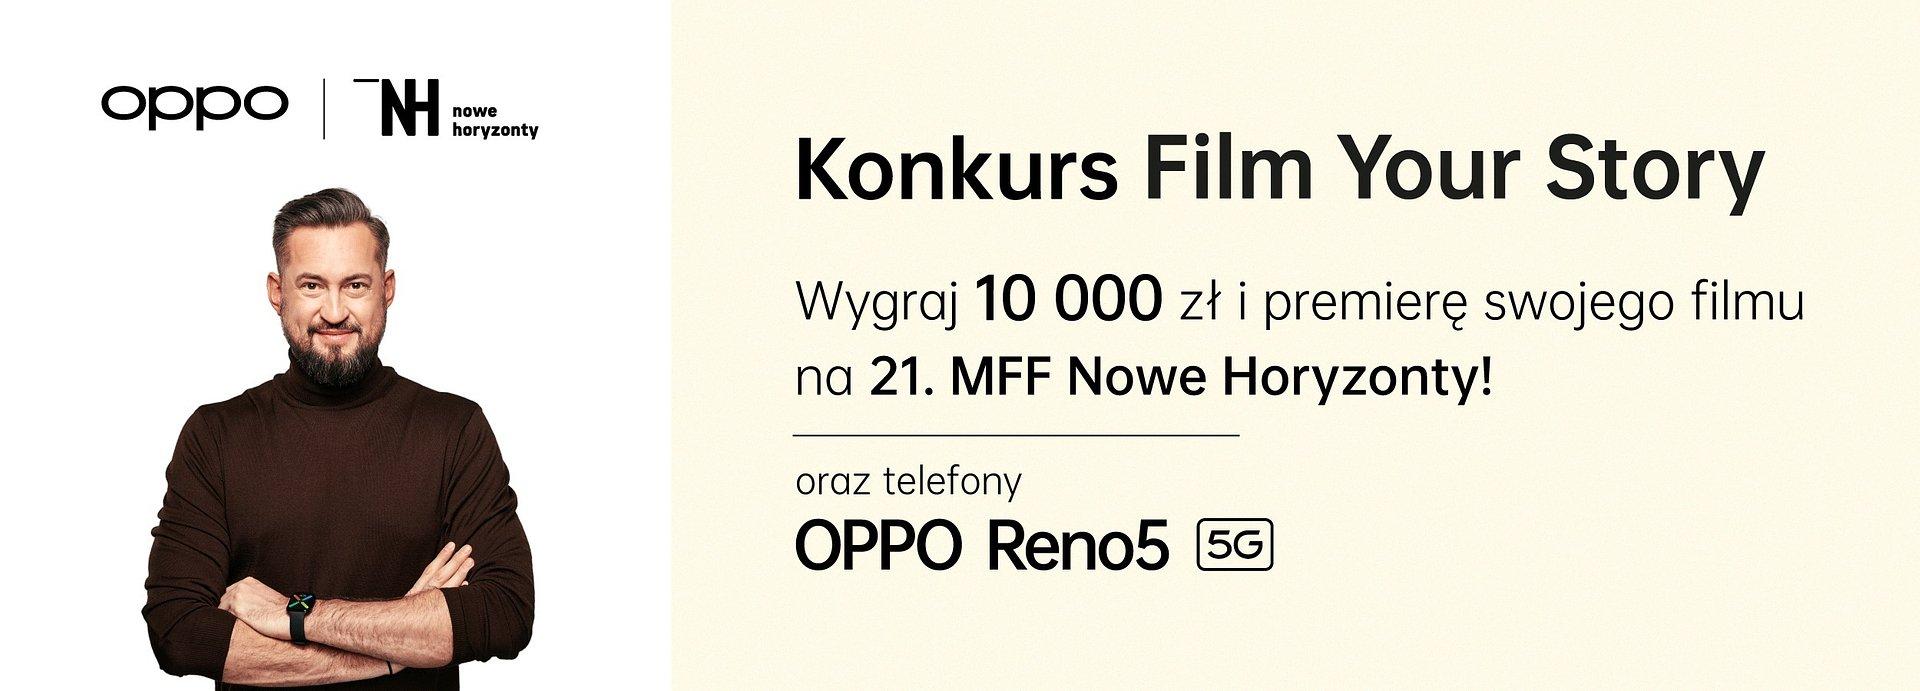 OPPO i Festiwal Nowe Horyzonty prezentują konkurs jakiego jeszcze nie było: nagraj film smartfonem i wygraj 10 000 zł oraz premierę swojego dzieła na 21. MFF Nowe Horyzonty!